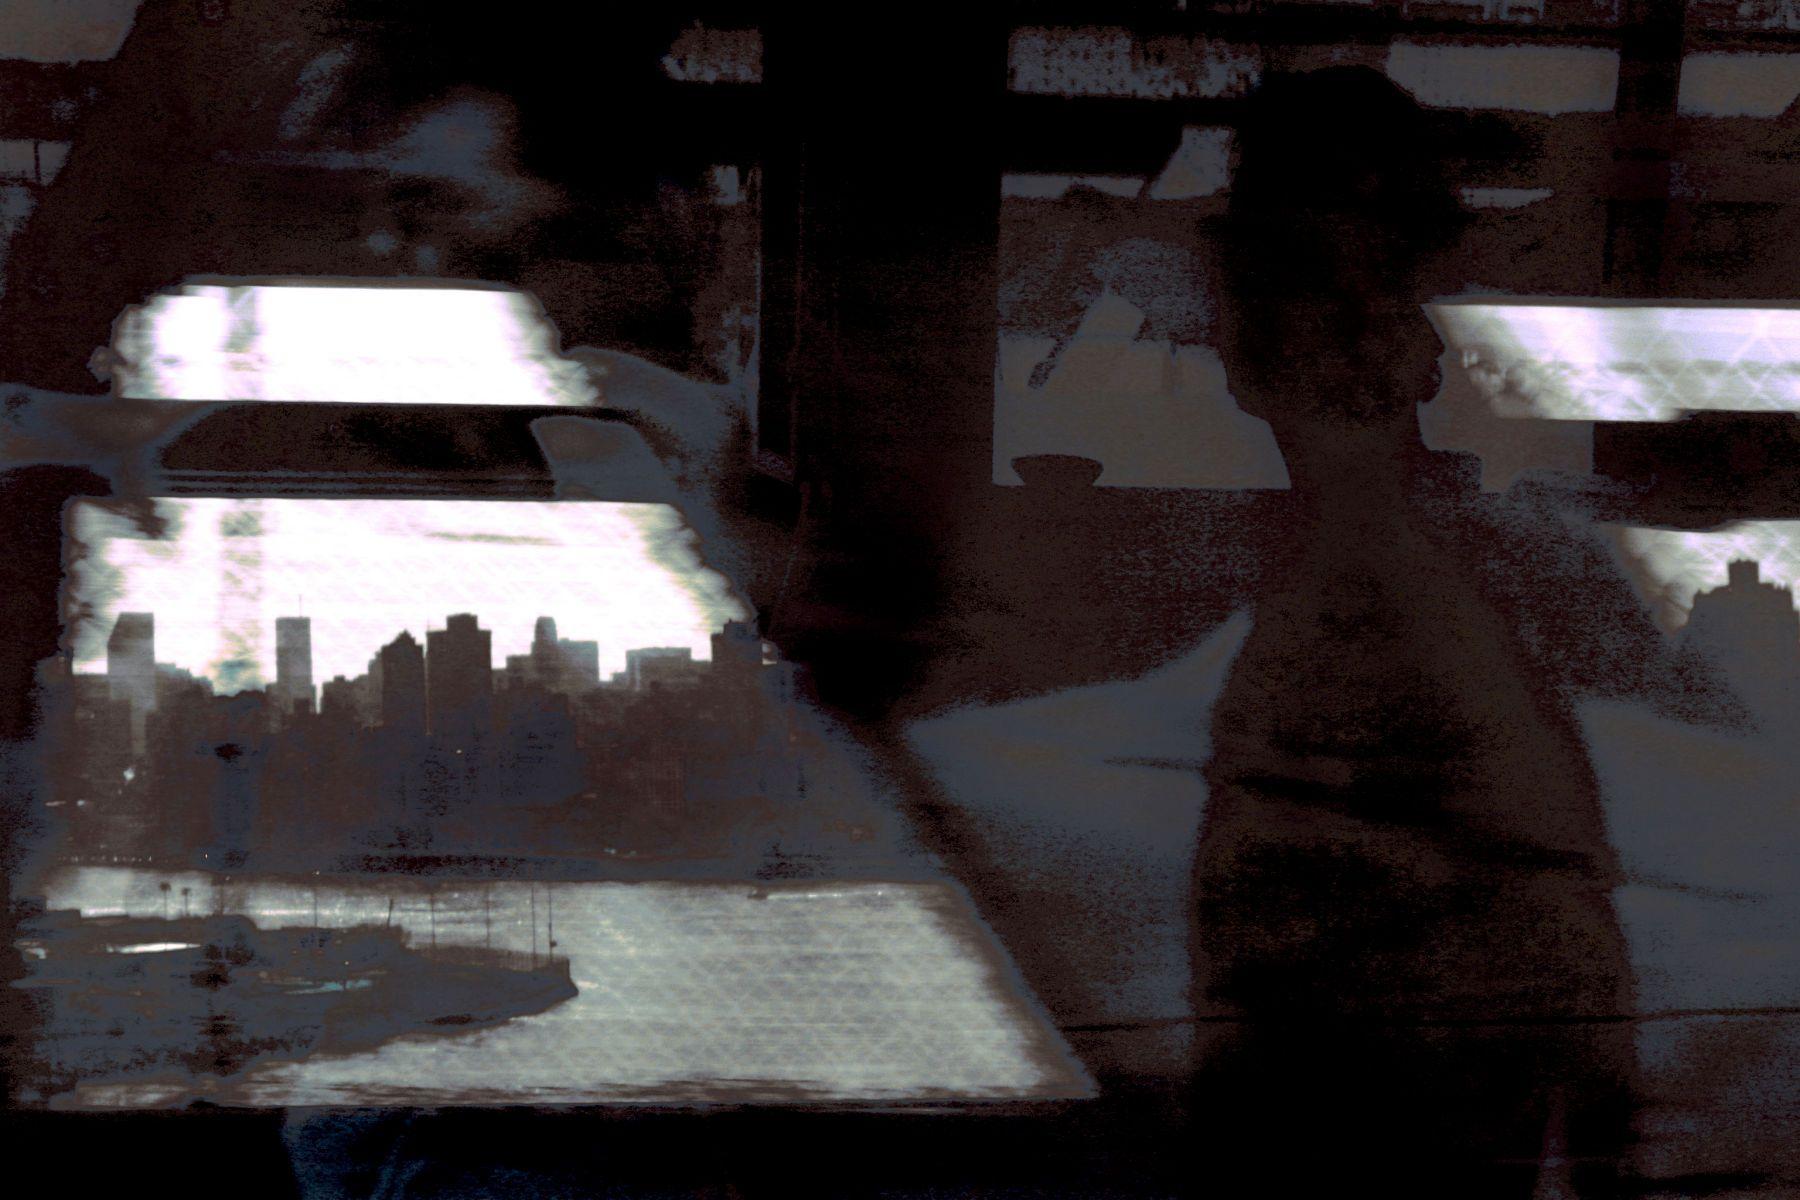 1r6_urban_anonymity